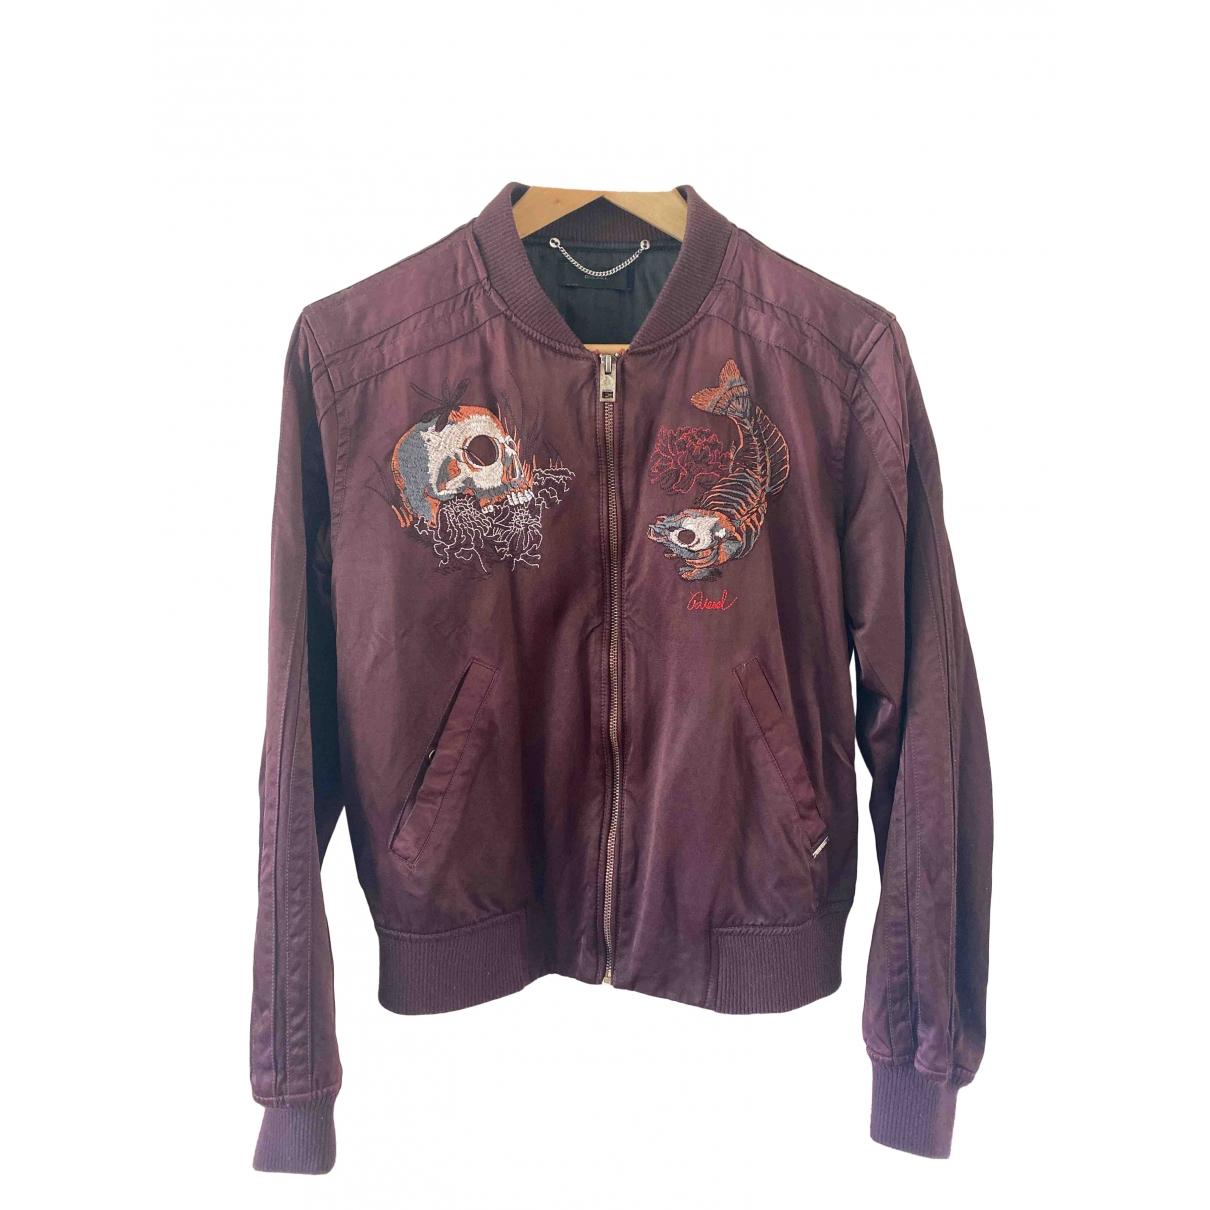 Diesel \N Burgundy jacket for Women S International